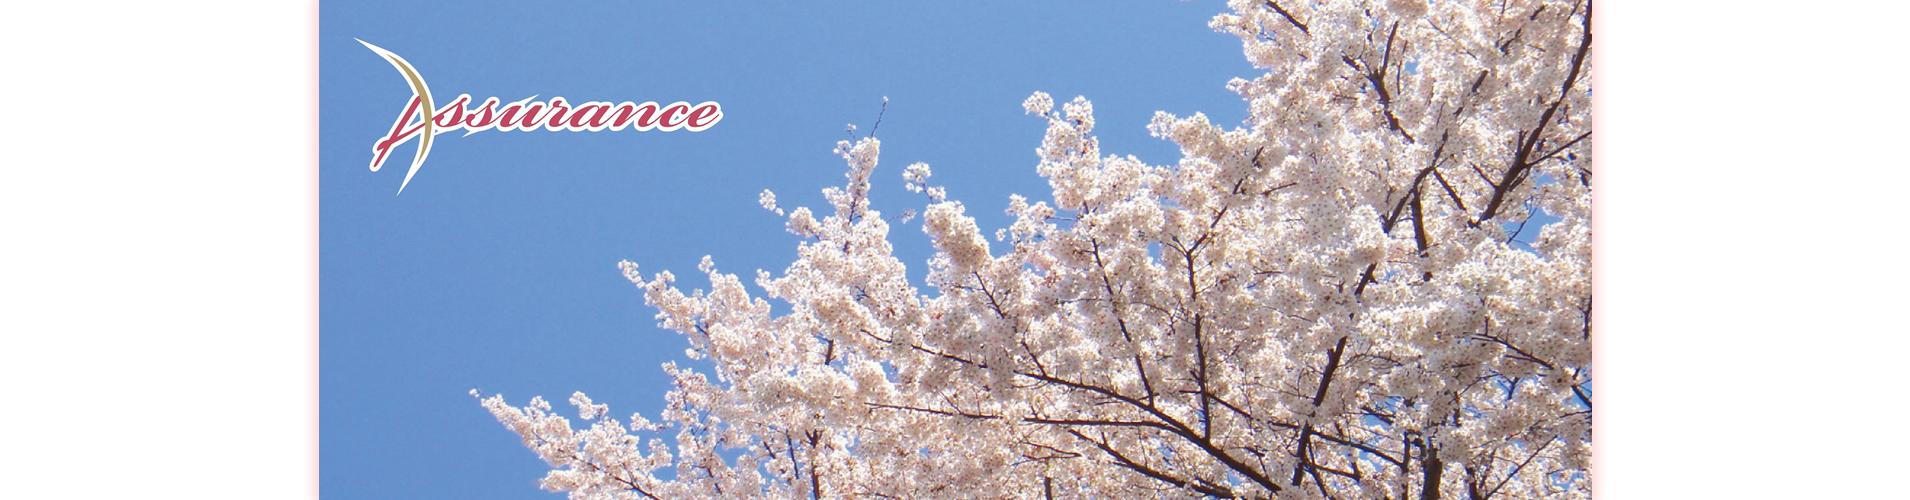 株式会社アシュランス:福島県の医療・看護師・福祉・介護求人